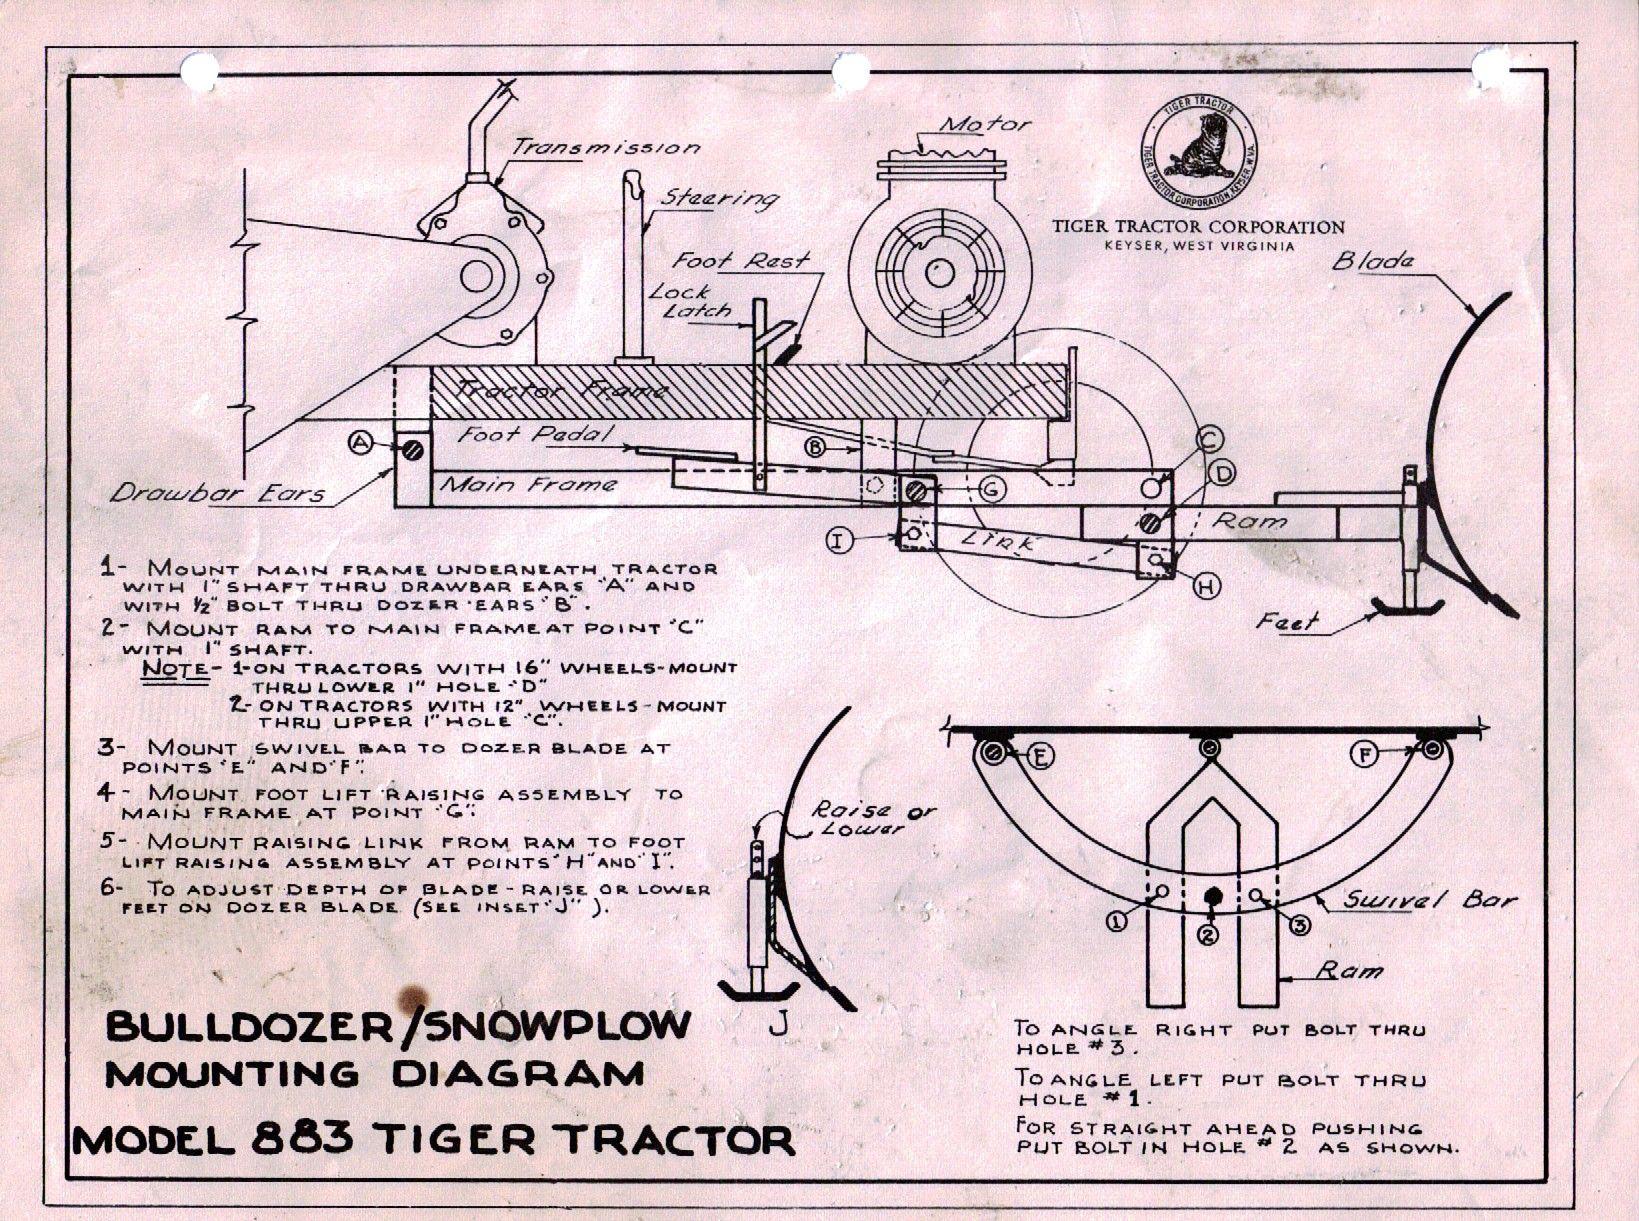 tiger bulldozer snowplow mounting diagram [ 1639 x 1221 Pixel ]